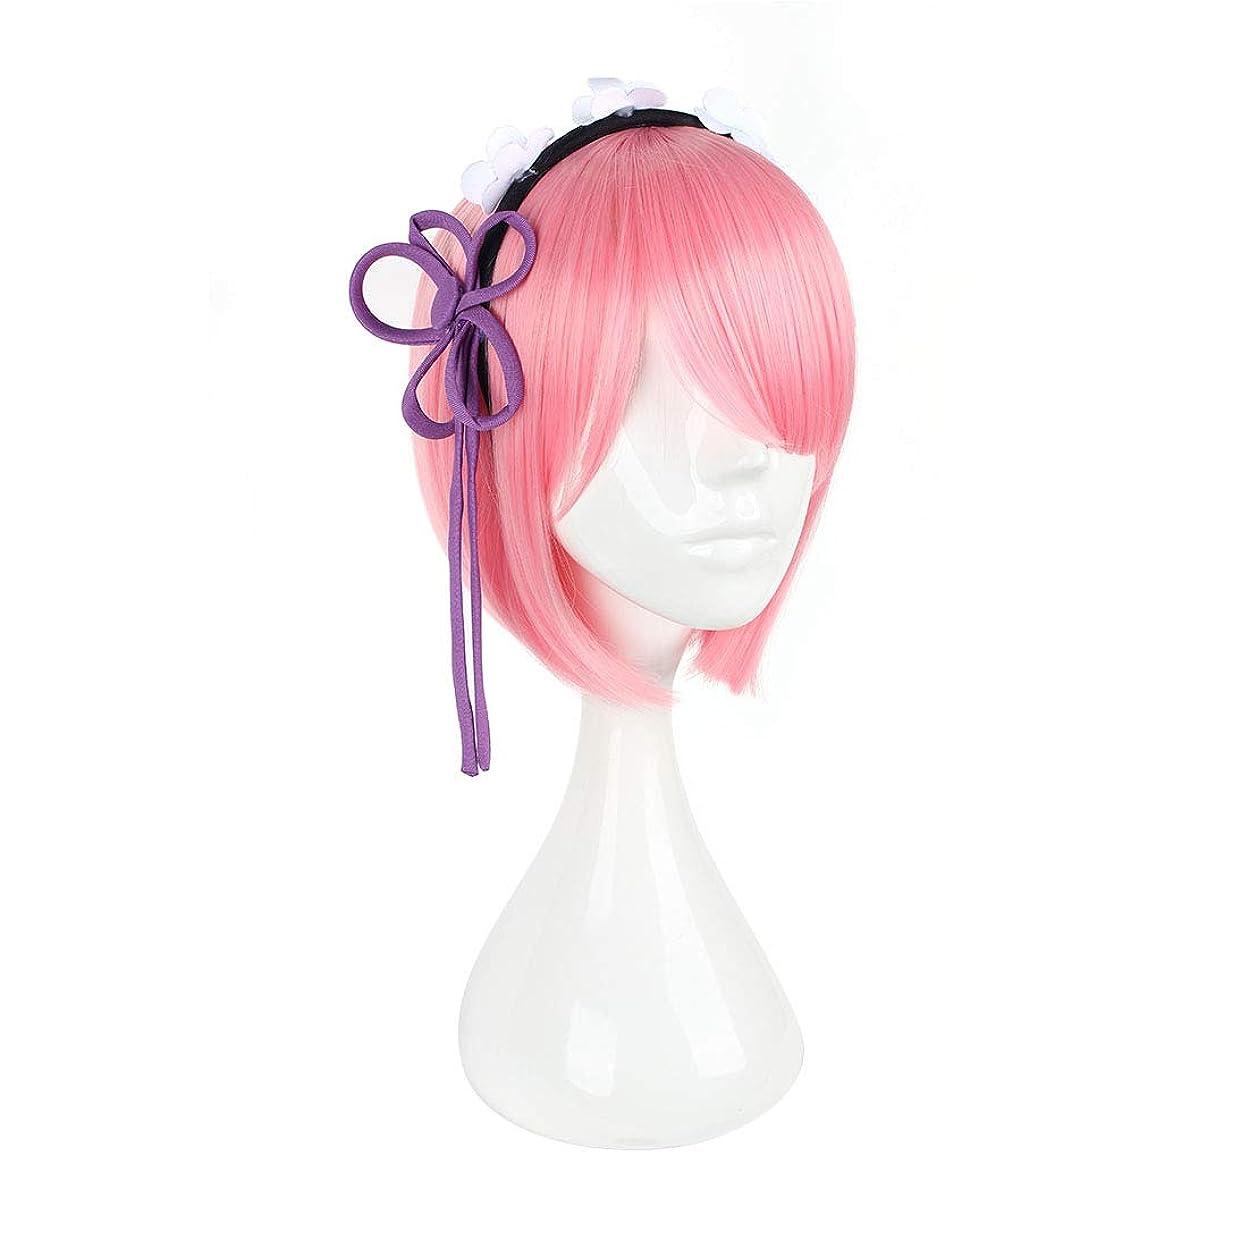 に対応関係部JIANFU コスプレウィッグメイドコスチュームピンクウィッグガールかわいいアニメウィッグラム (Color : ピンク)